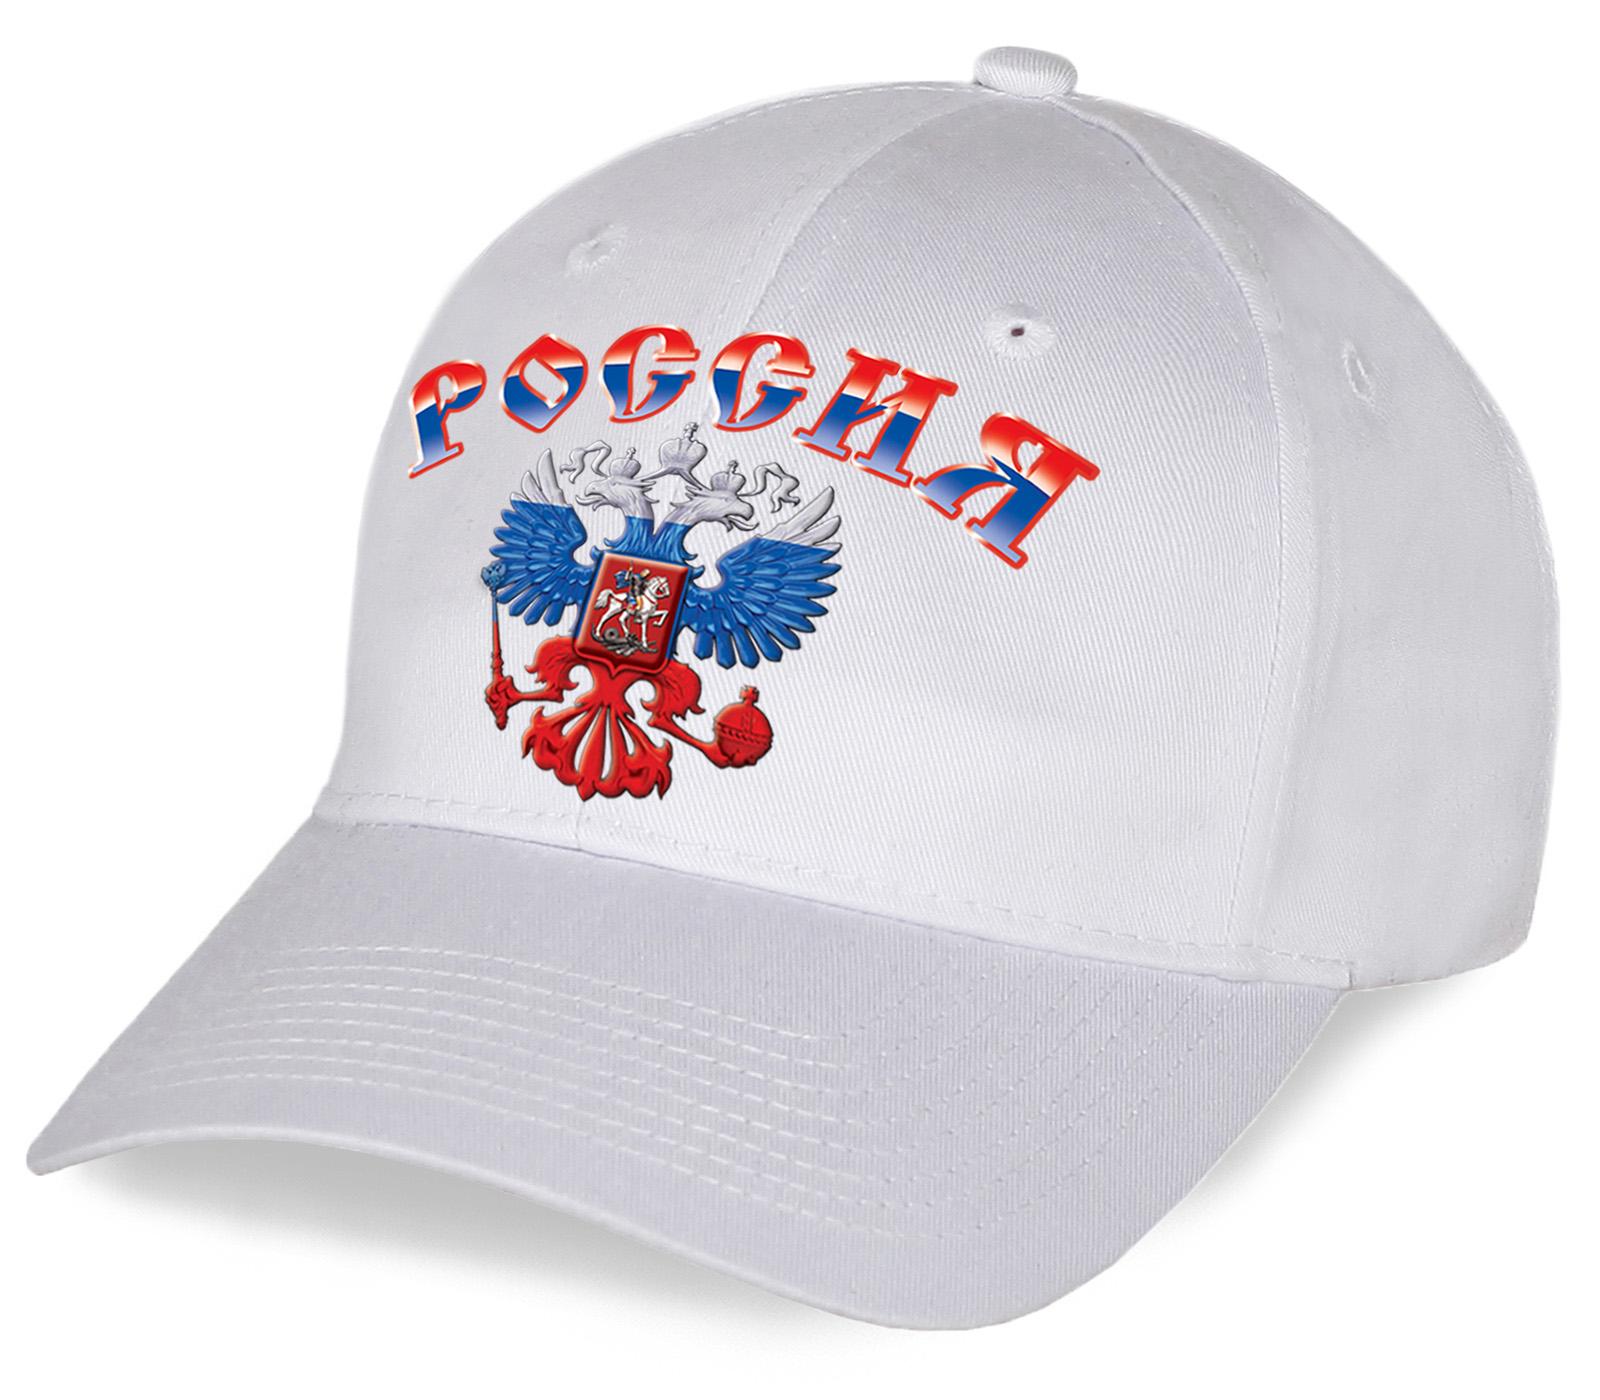 Фанатская кепка с патриотическим авторским принтом Россия в цветах триколора – удачный дизайн от Военпро по выгодной цене. У нас только отменное качество!